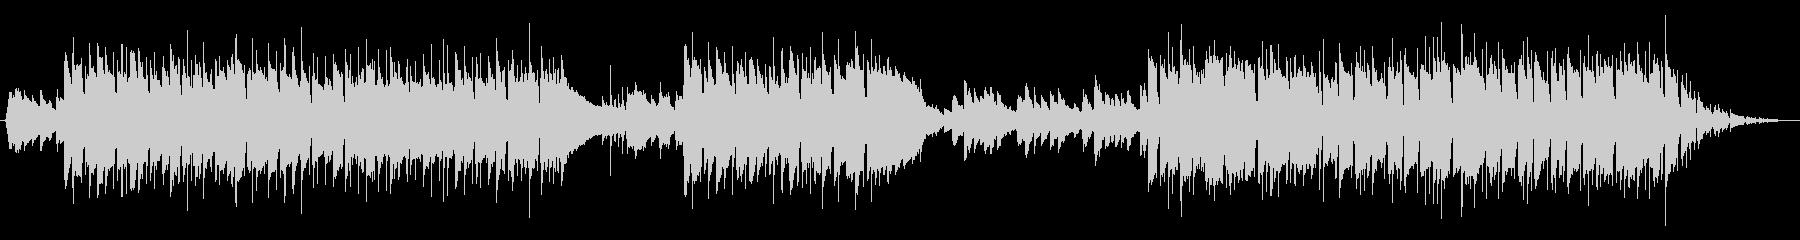 アコースティックギターのBGMの未再生の波形